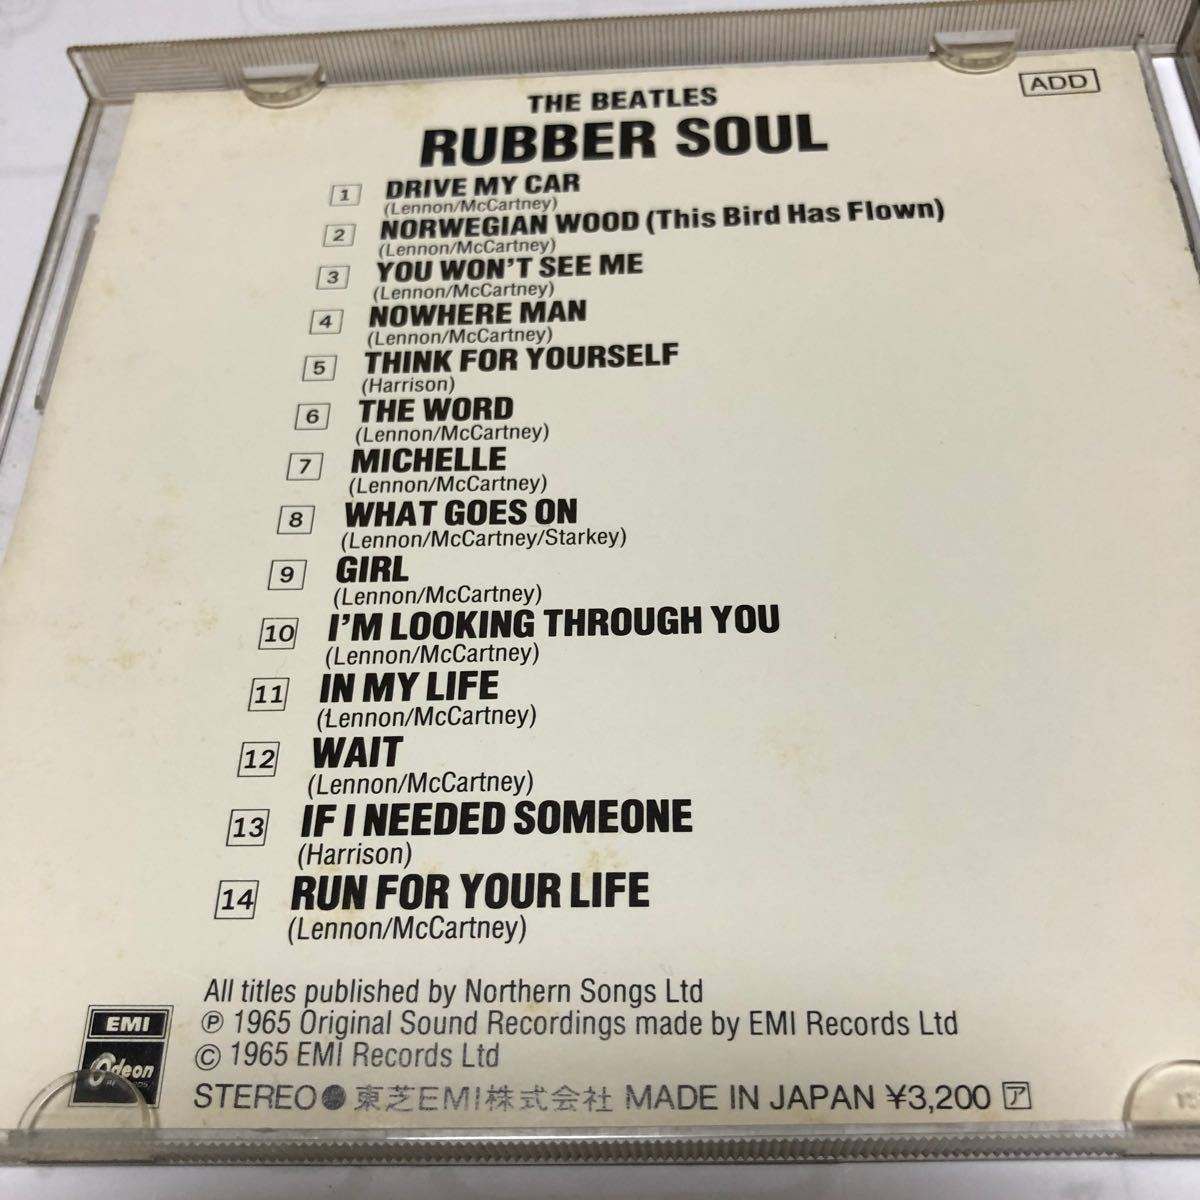 ザ・ビートルズ ラバーソウル CD